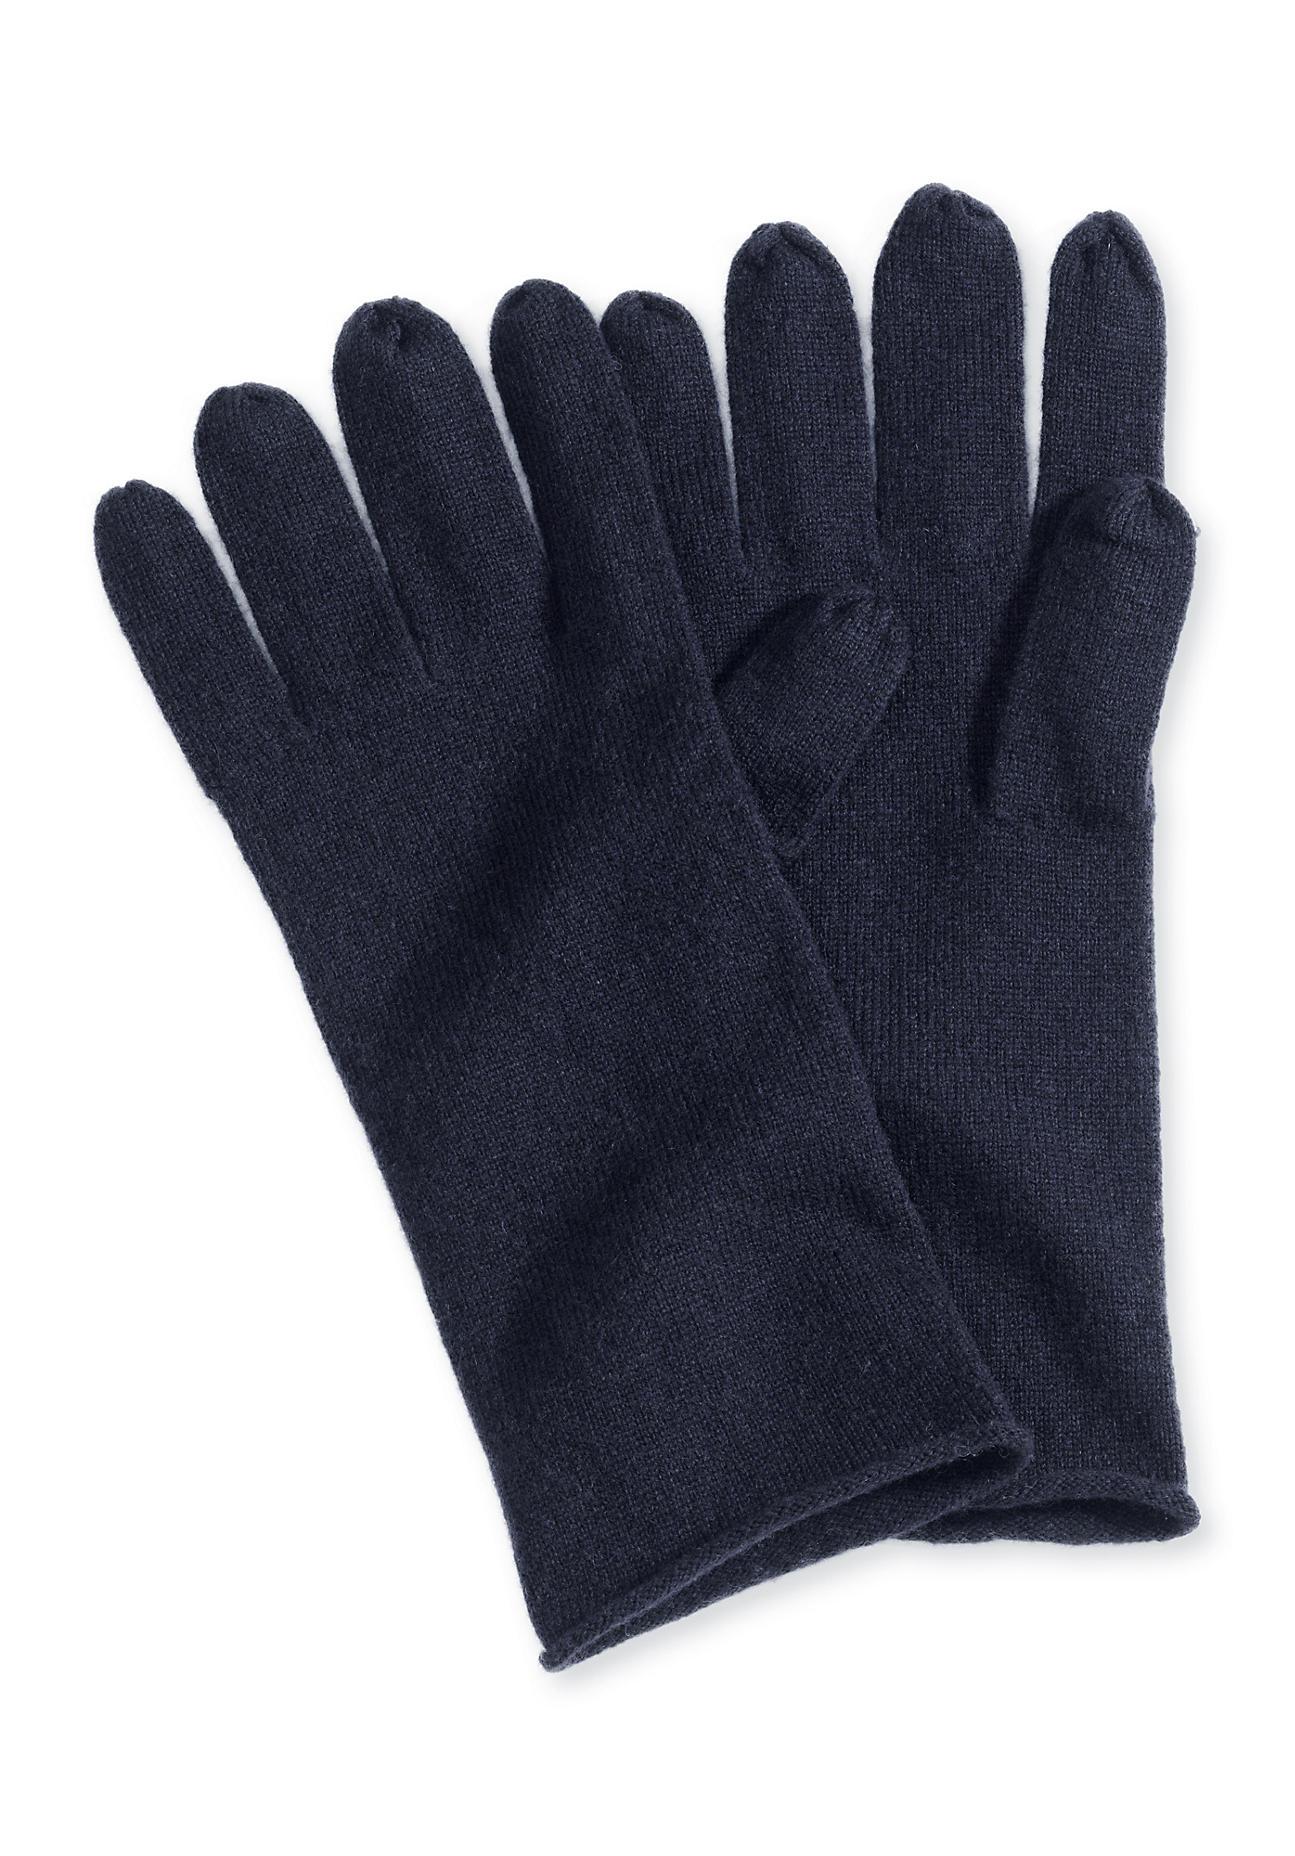 Handschuhe - hessnatur Damen Damen Handschuhe aus Schurwolle mit Kaschmir – blau –  - Onlineshop Hessnatur